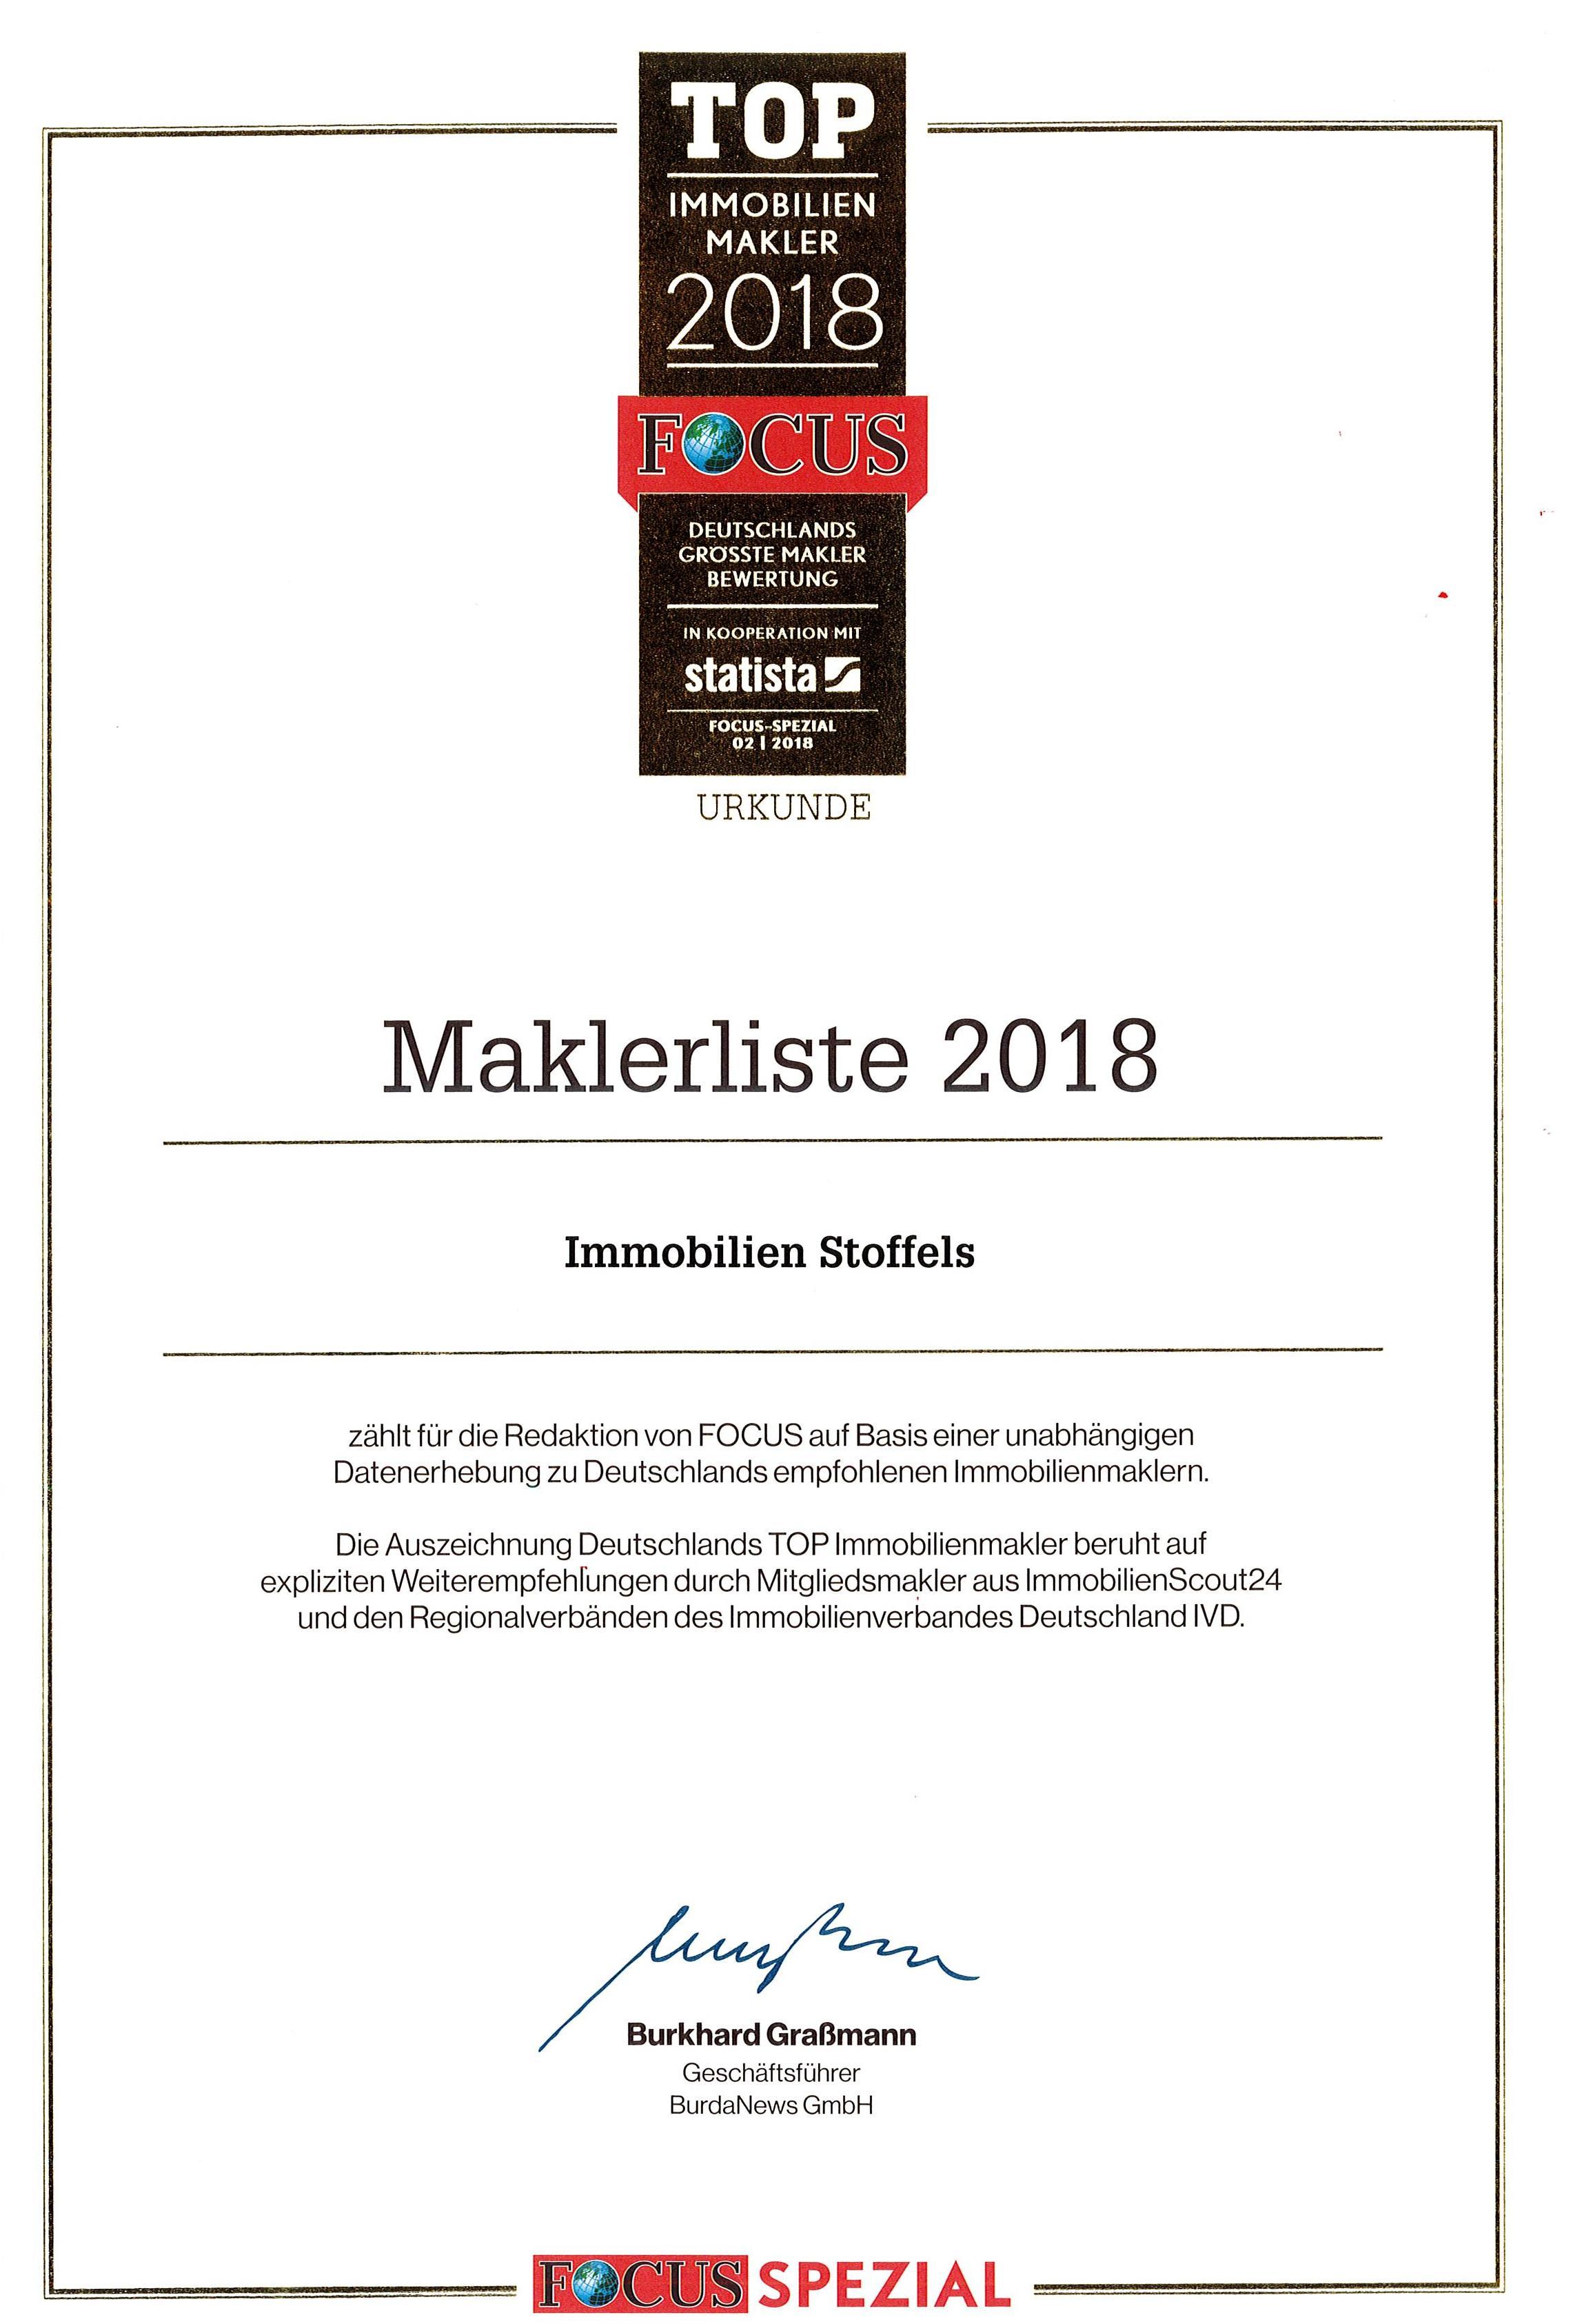 Top-Makler 2018